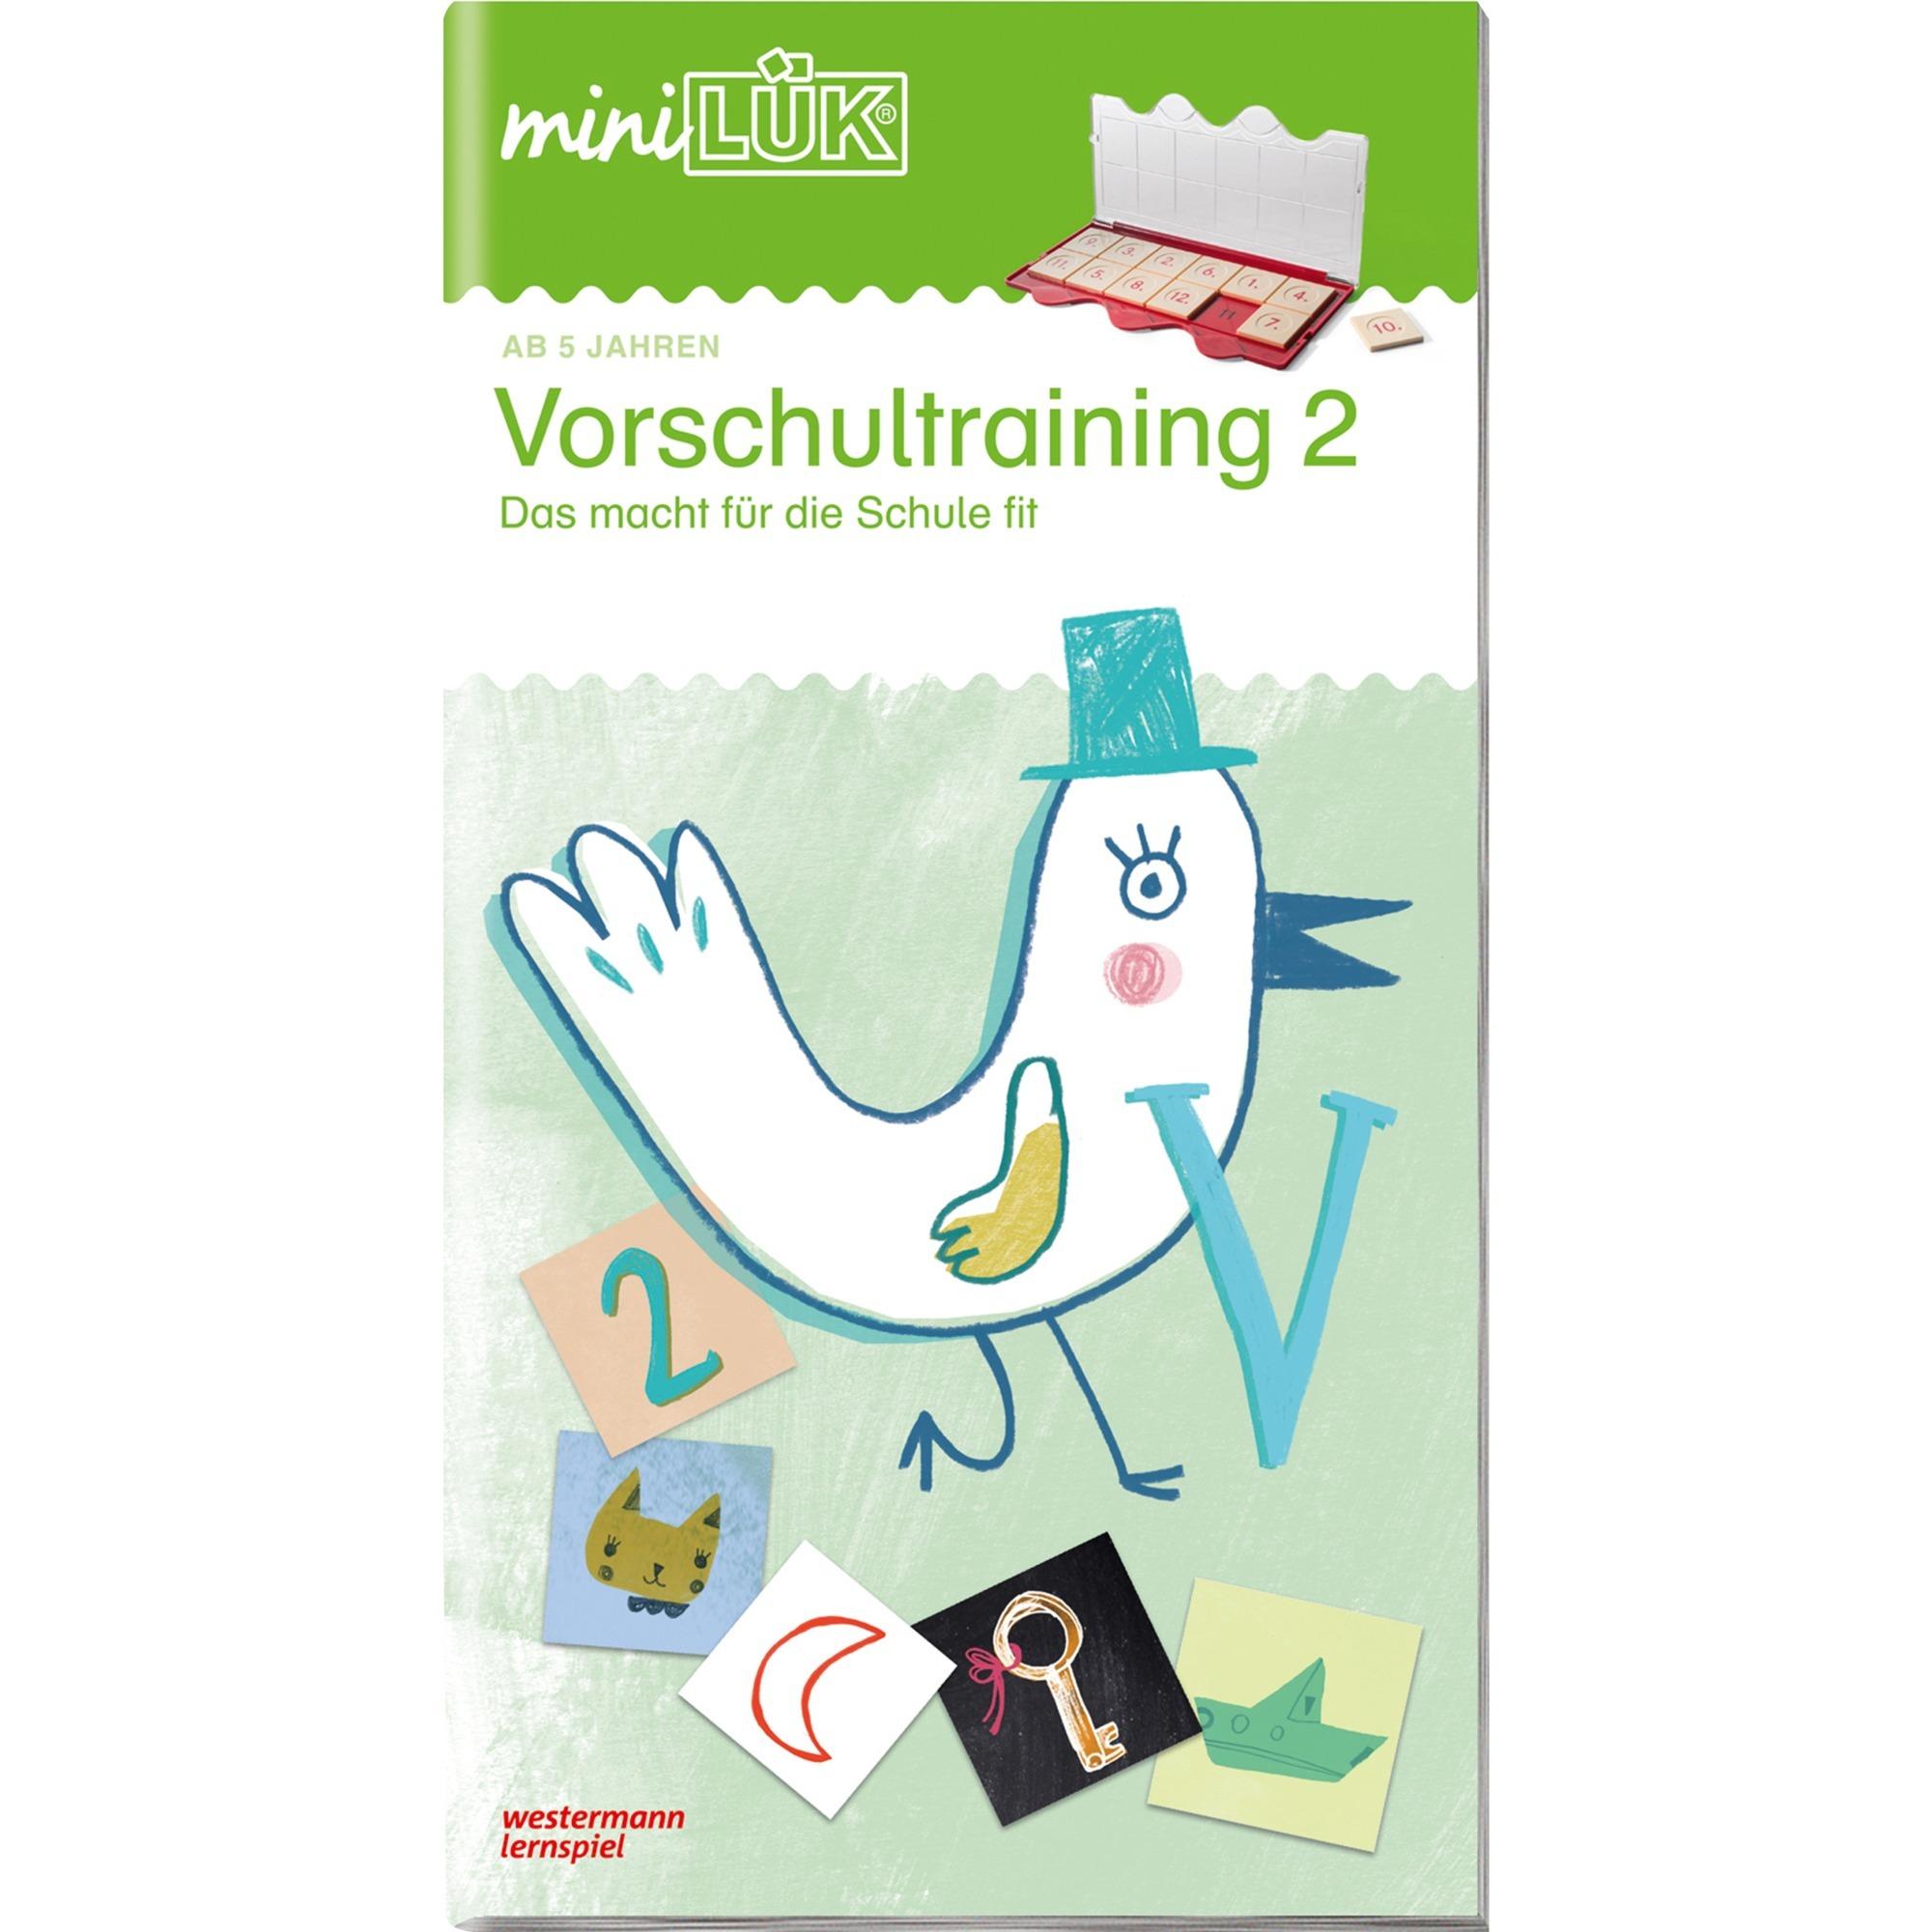 9783837701364, Libro tutorial